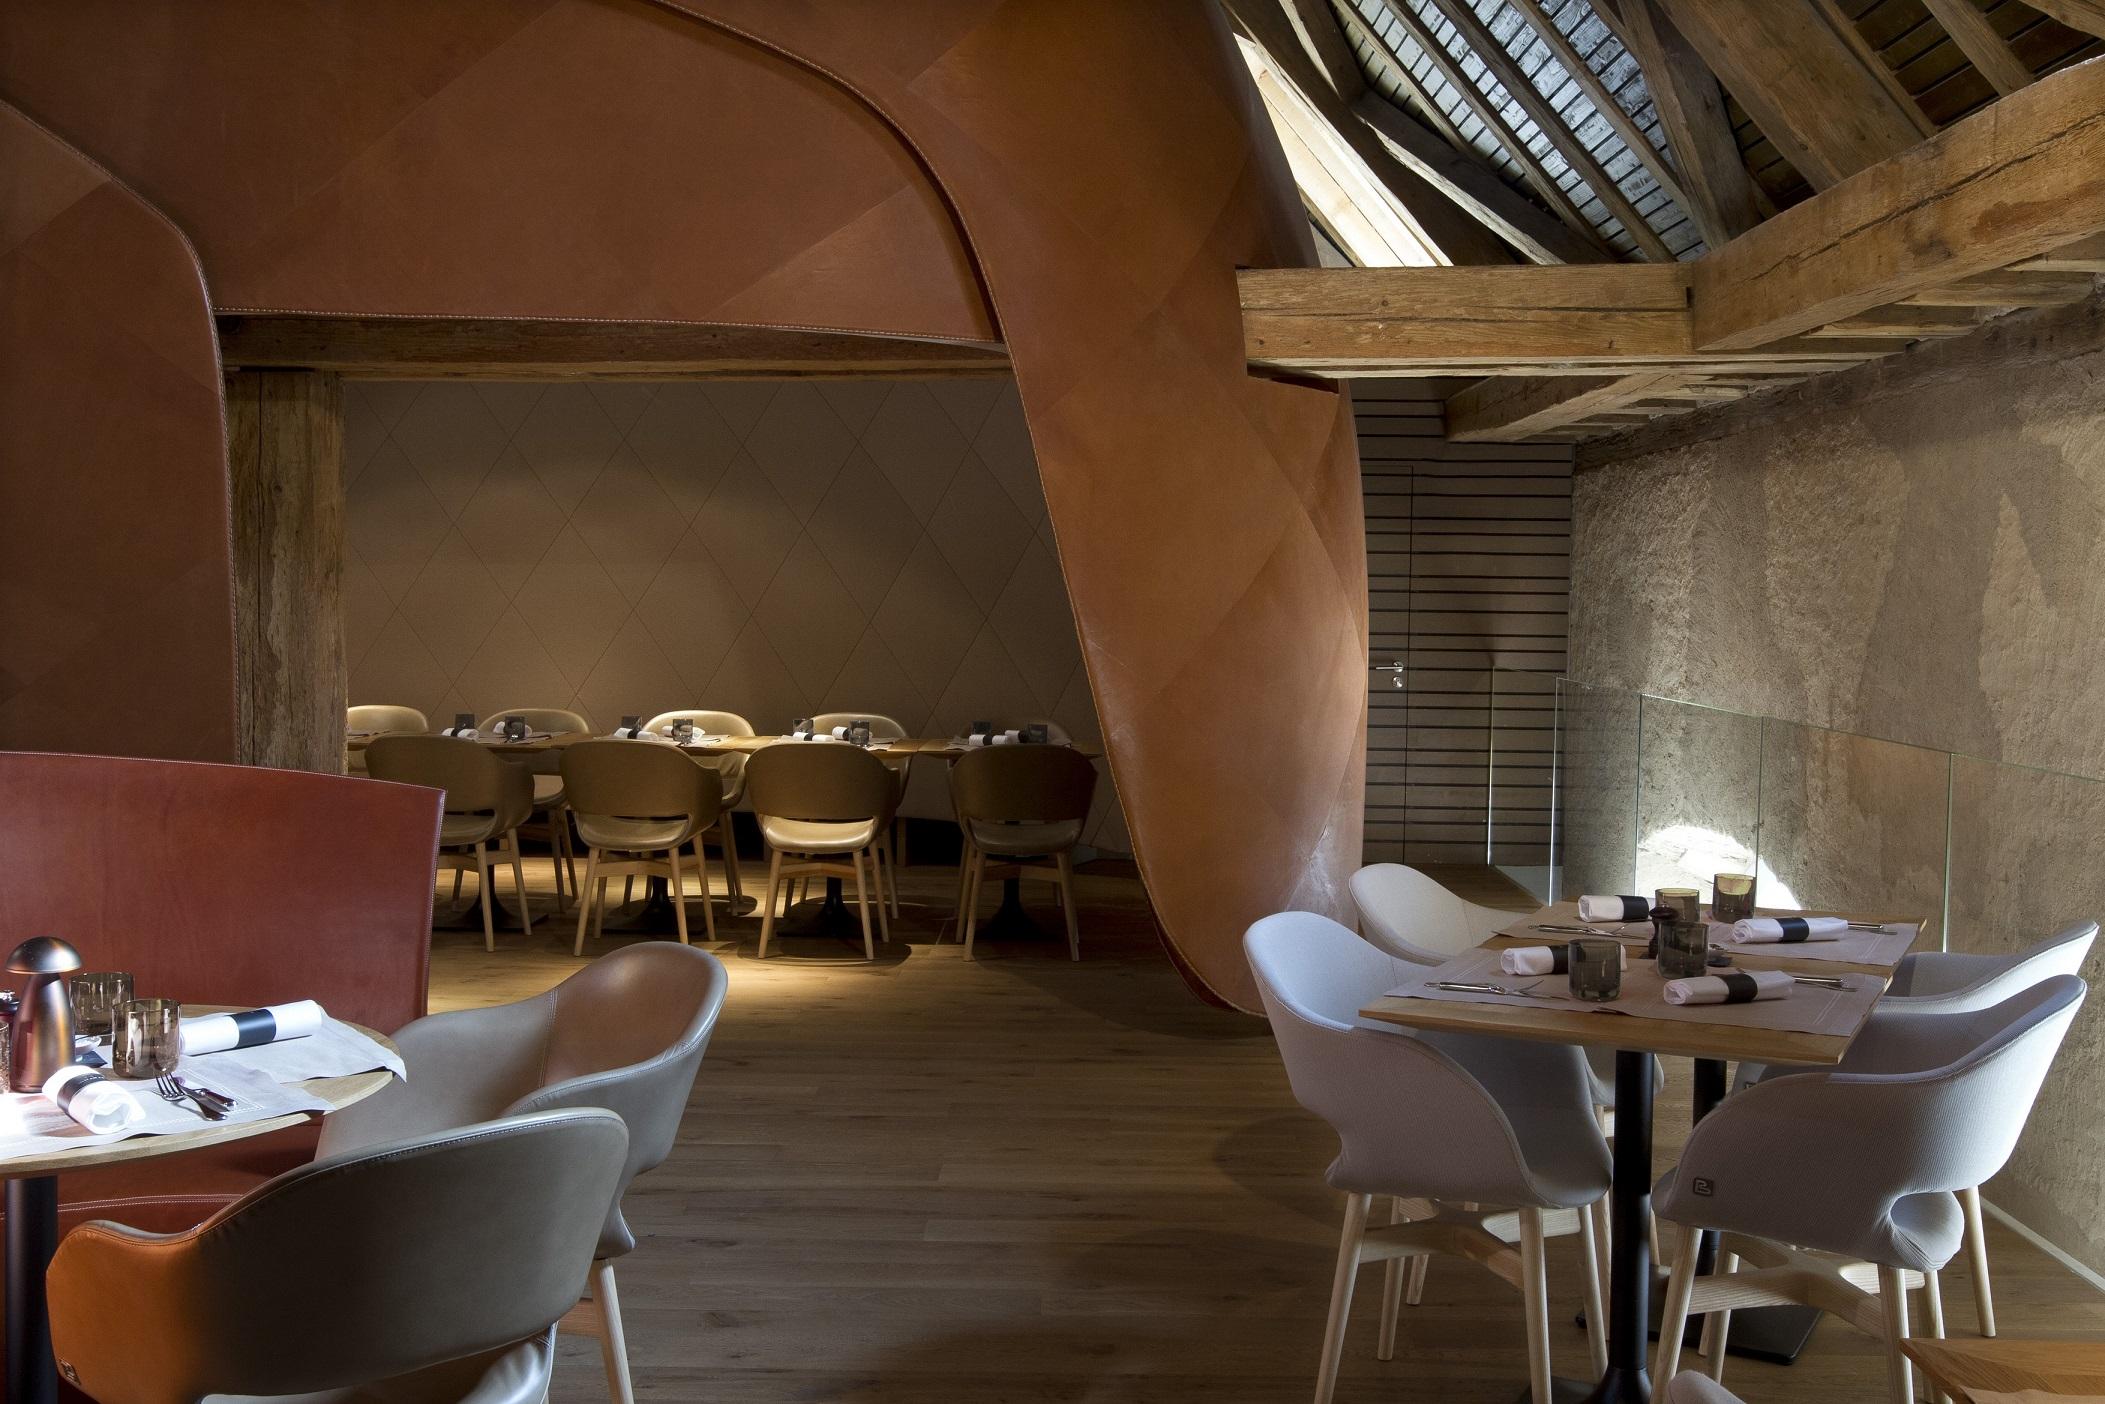 restaurants brasserie les haras for your conference in strasbourg scb. Black Bedroom Furniture Sets. Home Design Ideas